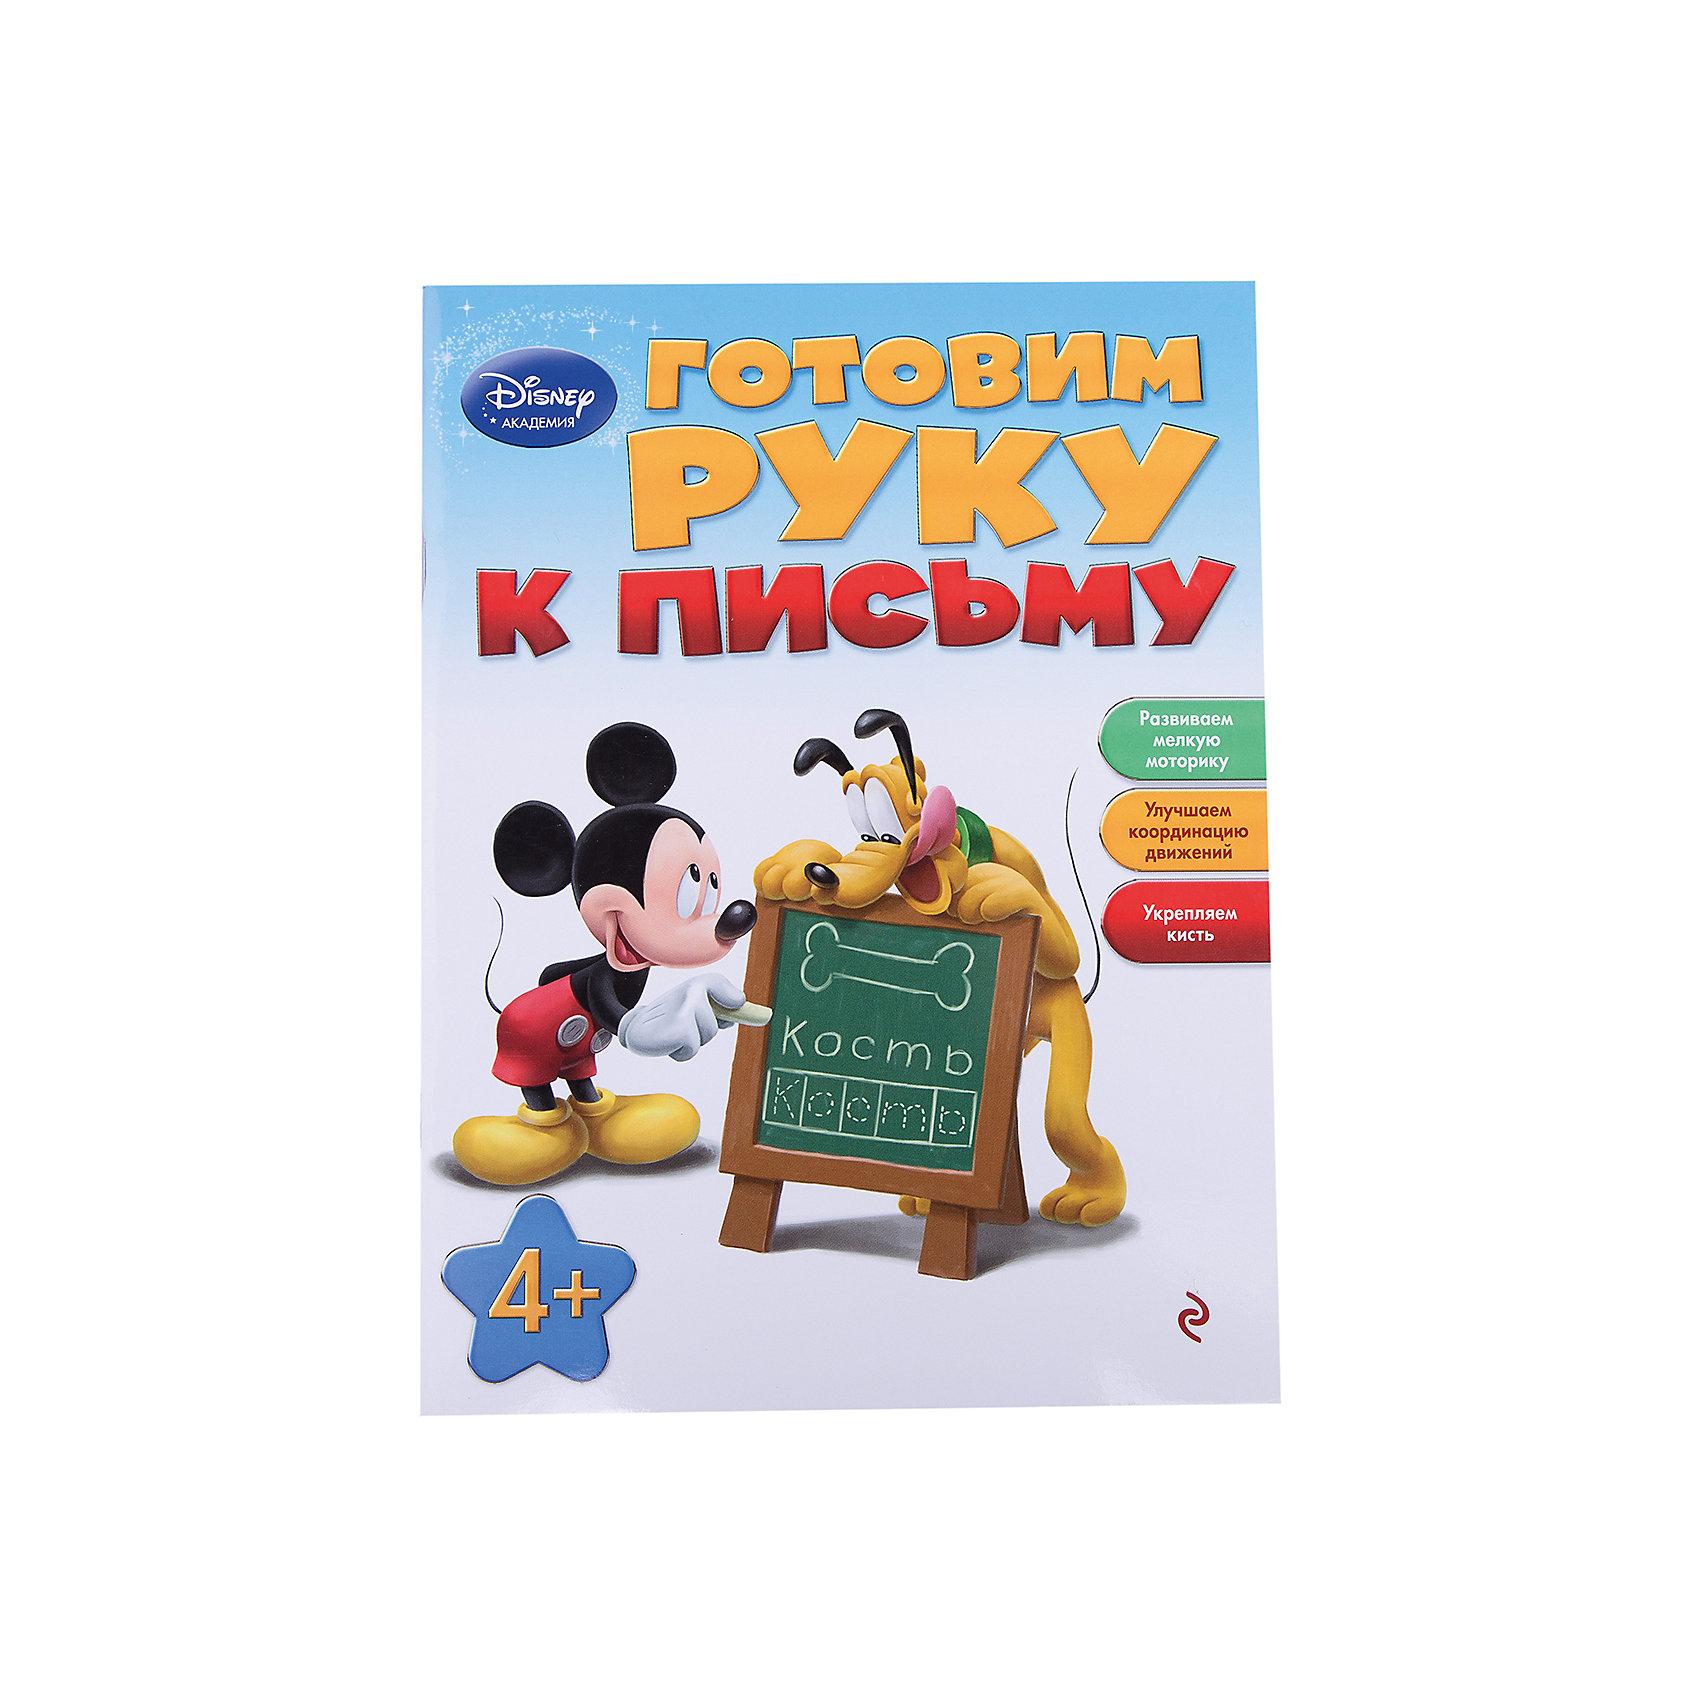 Готовим руку к письму, Disney АкадемияПознавательная литература<br>Занимаясь по книге Готовим руку к письму, Disney Академия, Эксмо, ребёнок научится читать и писать все буквы русского алфавита, в увлекательной игровой форме разовьёт мелкую моторику рук и улучшит координацию движений. А любимые герои Disney с удовольствием придут малышу на помощь!<br><br>Дополнительная информация:<br>- редактор:  А. Жилинская<br>- иллюстрации:  цветные<br>- кол-во страниц: 48<br>- формат: 60х84/8 (210х280 мм)<br>- переплет: мягкий<br><br>Готовим руку к письму, Disney Академия, Эксмо вместе с любимыми героями поможет играючи приобрести необходимые навыки, и Ваш ребенок будет просить продолжения занятий.<br><br>Книгу Готовим руку к письму, Disney Академия, Эксмо можно купить в нашем магазине.<br><br>Ширина мм: 280<br>Глубина мм: 210<br>Высота мм: 10<br>Вес г: 152<br>Возраст от месяцев: 48<br>Возраст до месяцев: 72<br>Пол: Унисекс<br>Возраст: Детский<br>SKU: 3665154